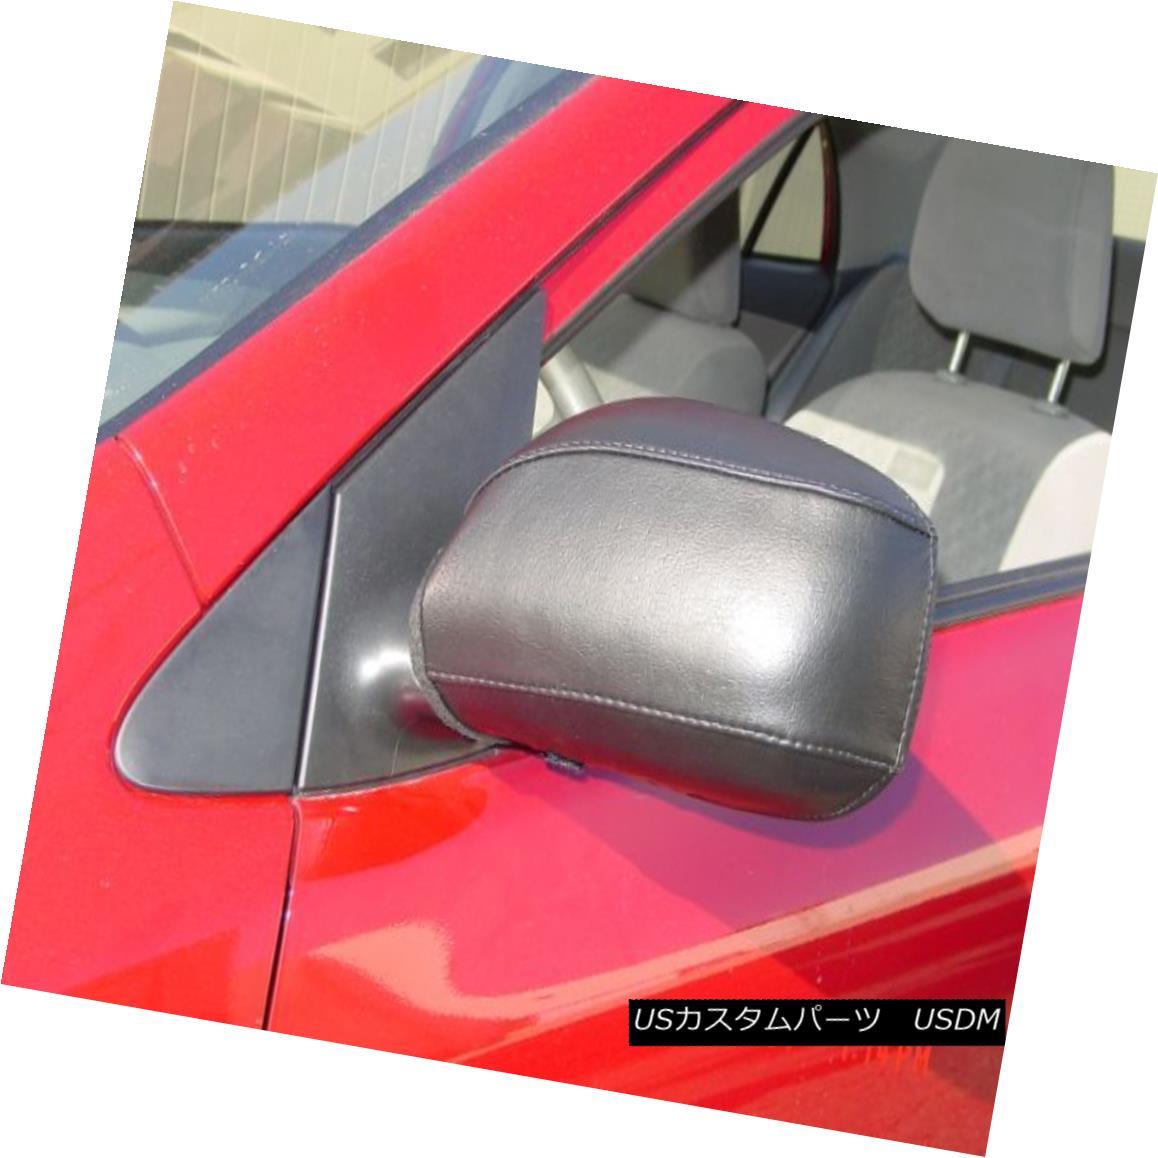 ノーズブラ Mirror Bra Car フルブラ Fits Black Covers Toyota 2011-2013 コルガン車ミラーカバーブラブラック2011-2013トヨタカローラS S Colgan Corolla